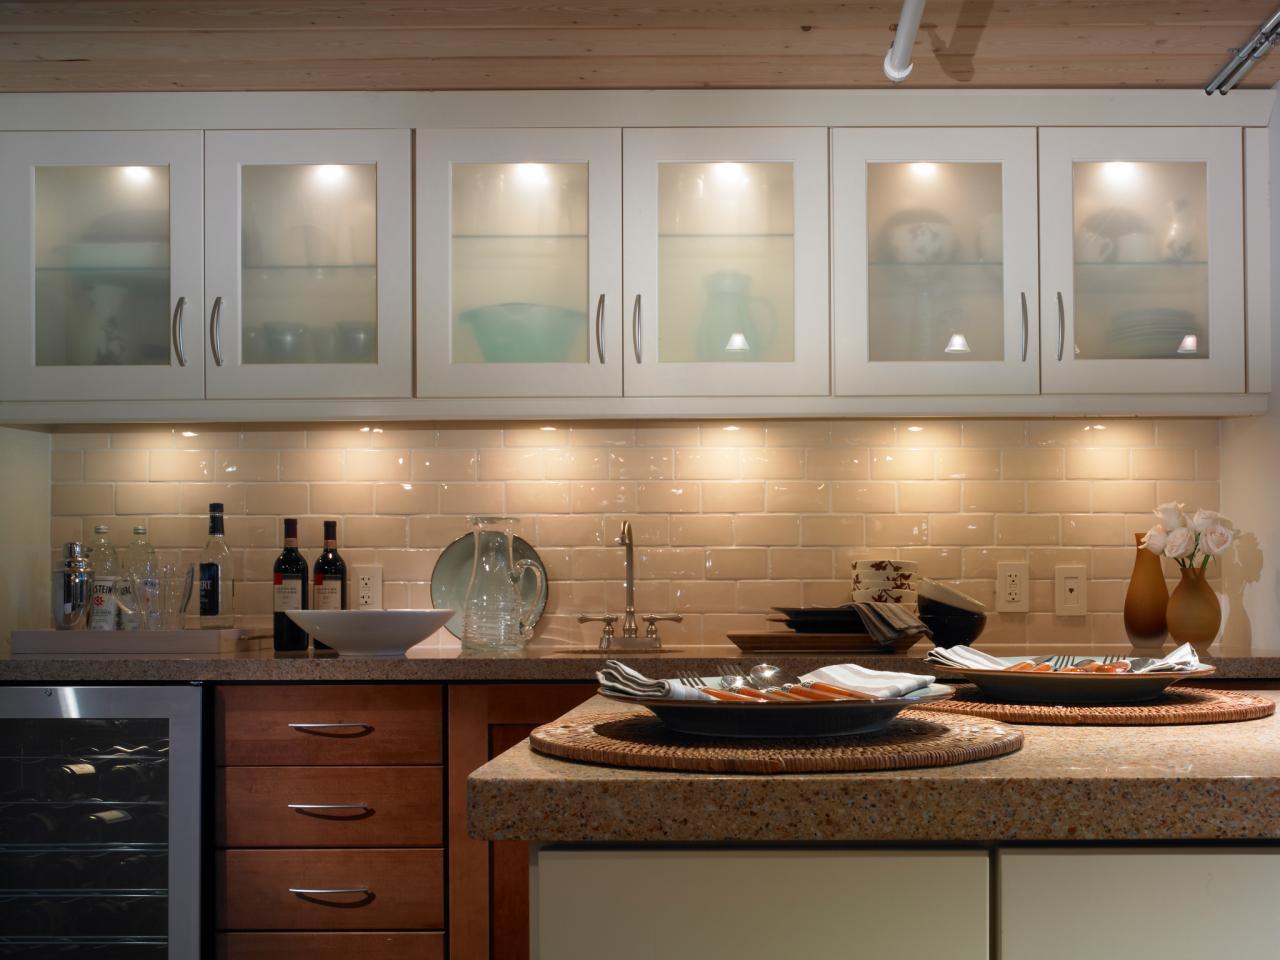 comment clairer une cuisine ouverte les petits riens. Black Bedroom Furniture Sets. Home Design Ideas